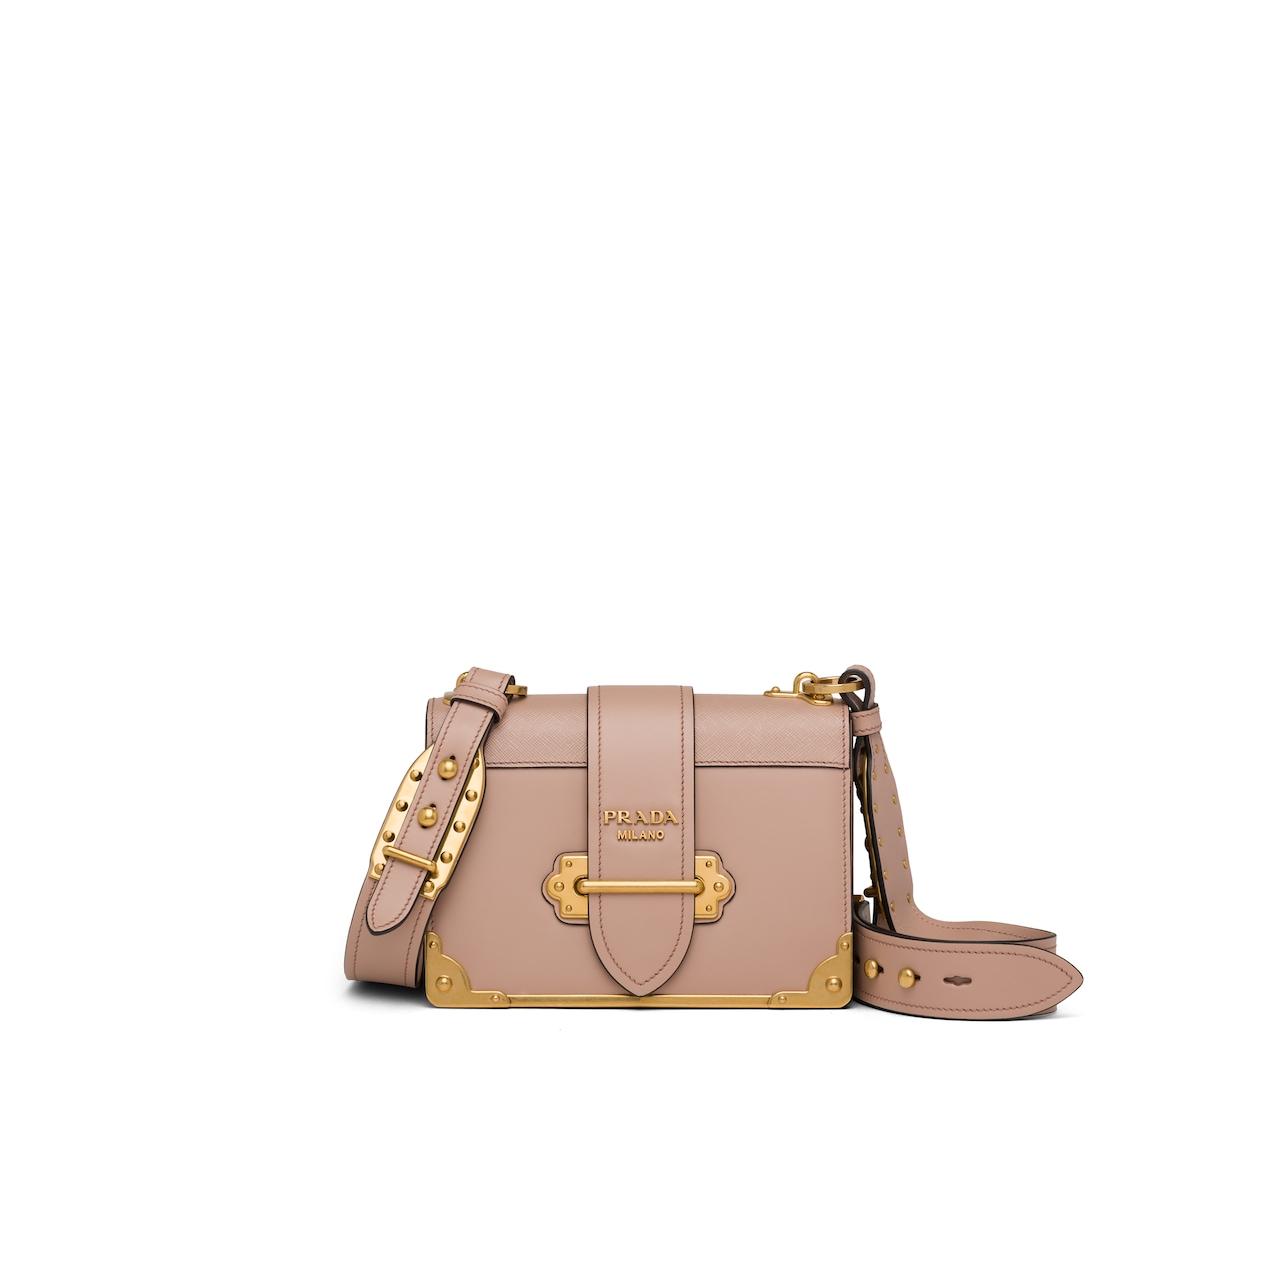 Prada Prada Cahier leather shoulder bag 1